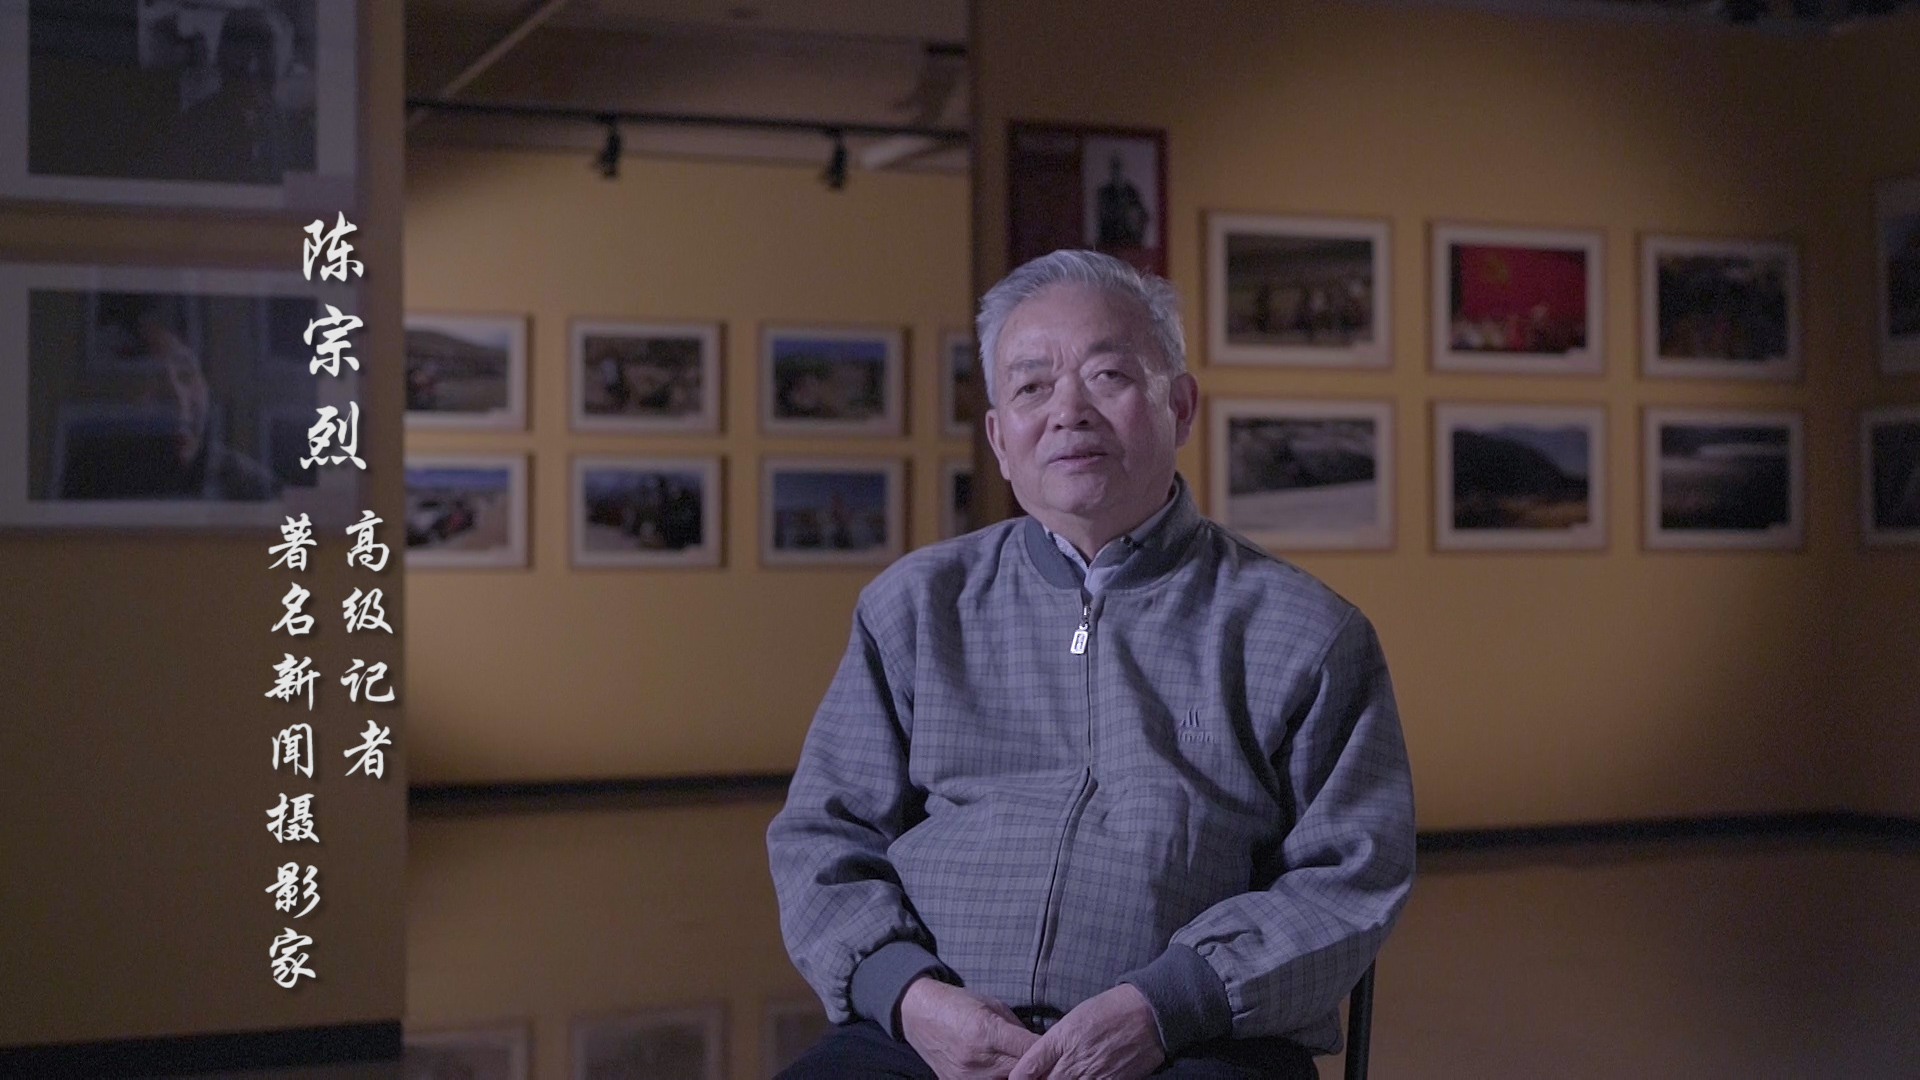 光影叙事|摄影家陈宗烈在西藏工作期间学习藏语